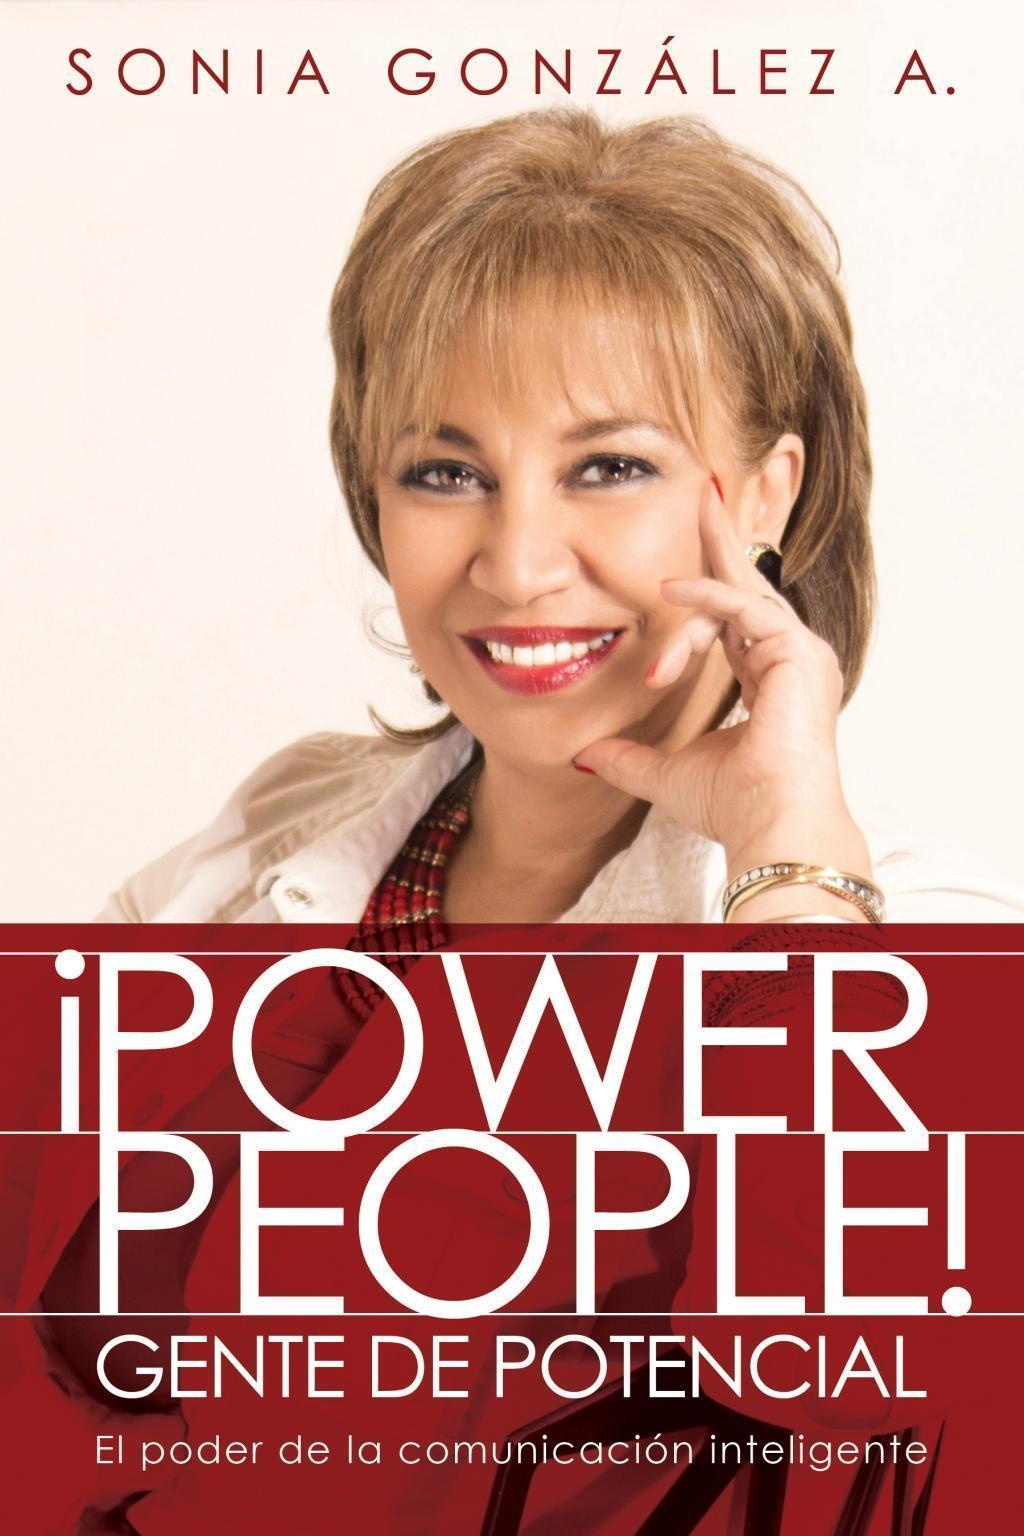 ¡Power People! Gente de potencial